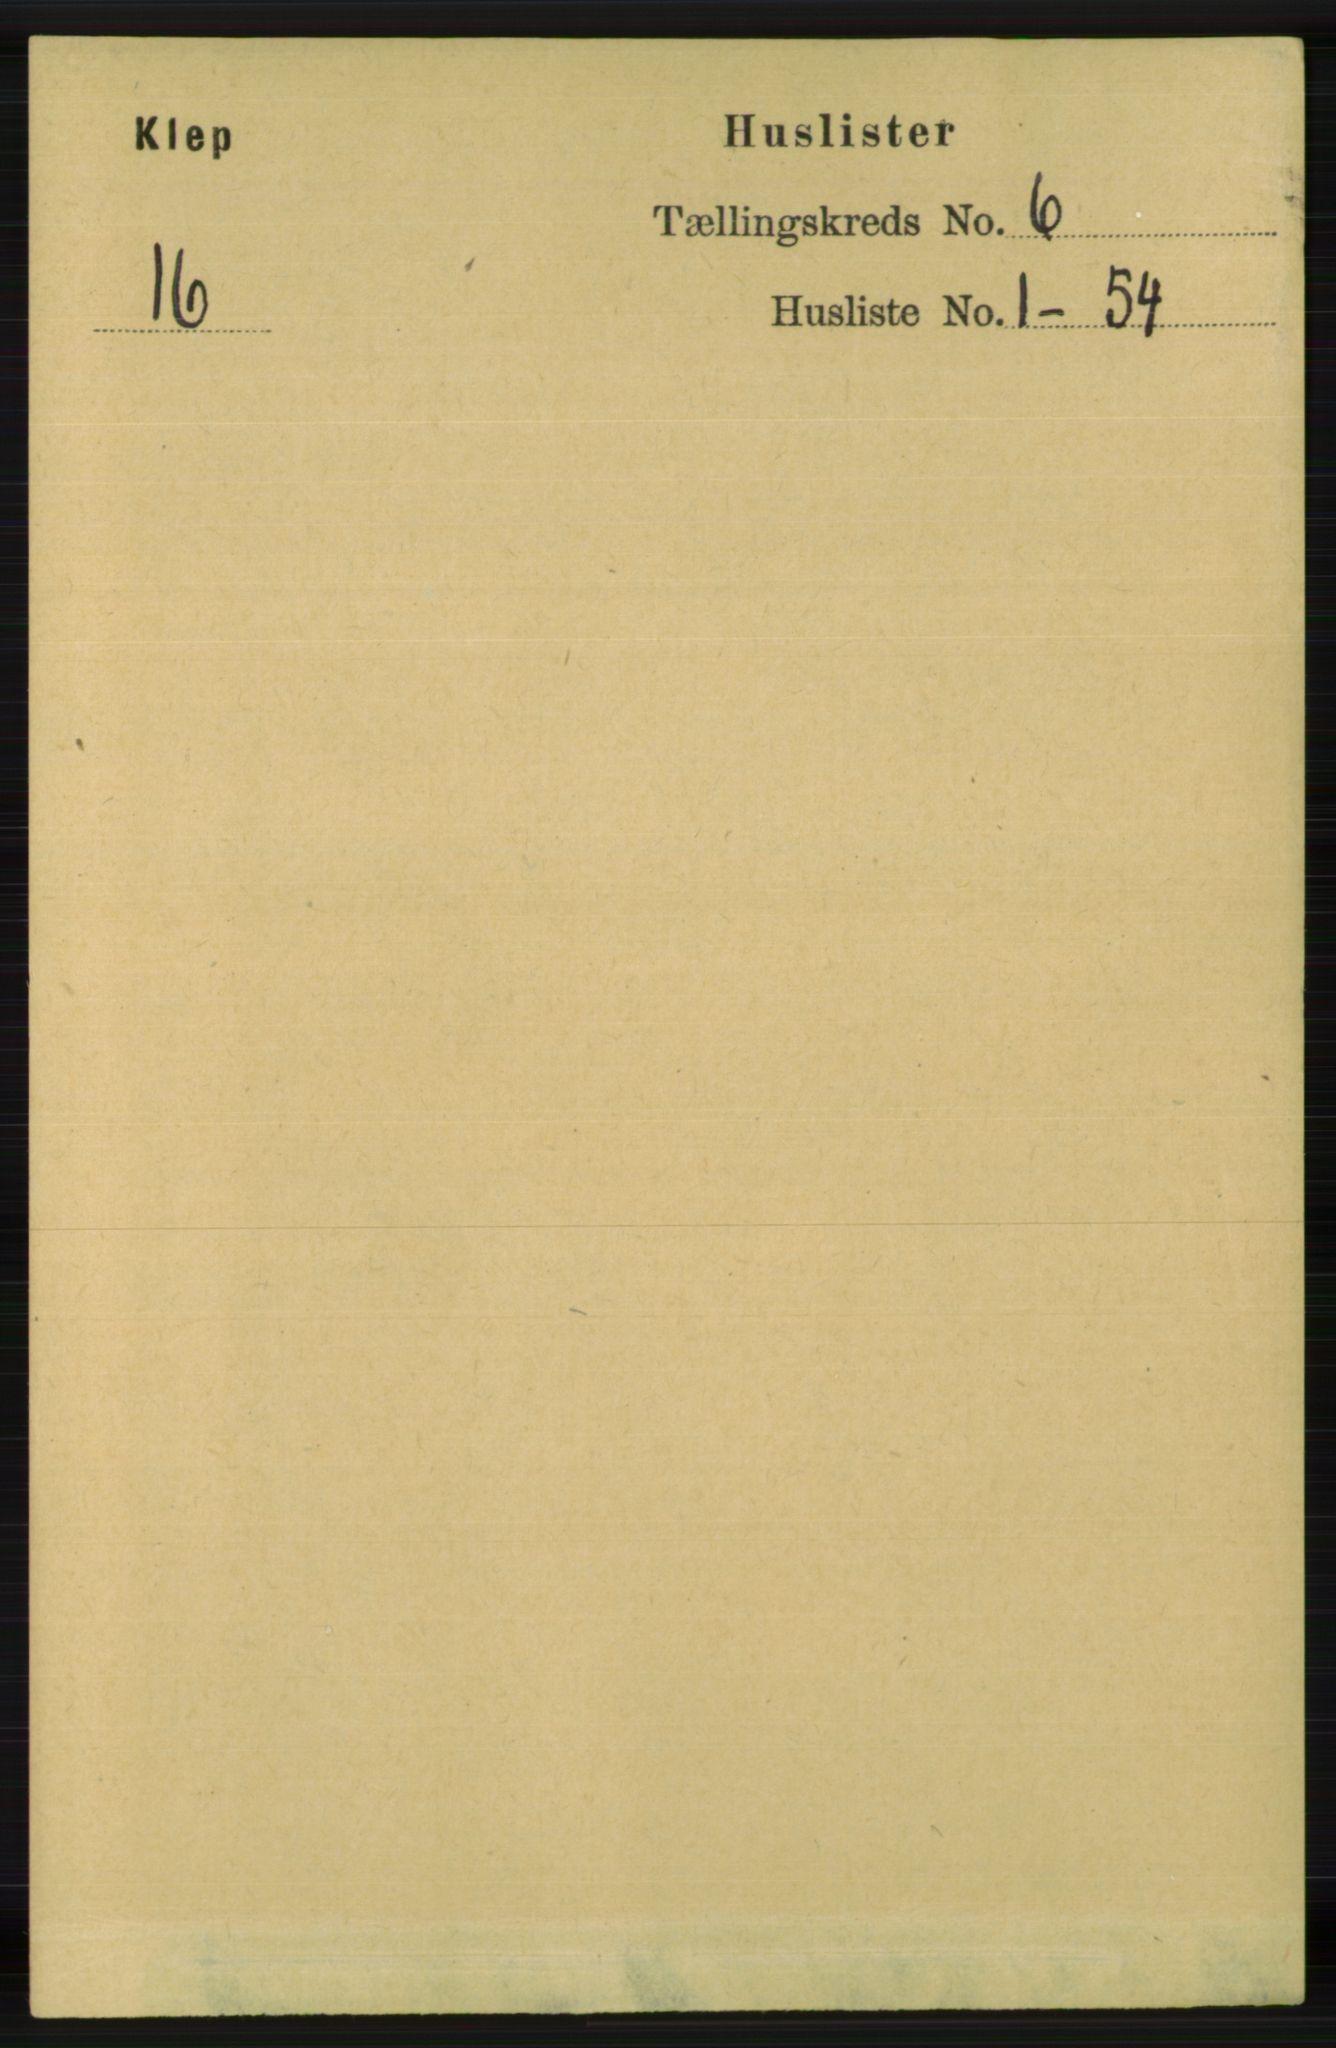 RA, Folketelling 1891 for 1120 Klepp herred, 1891, s. 1659